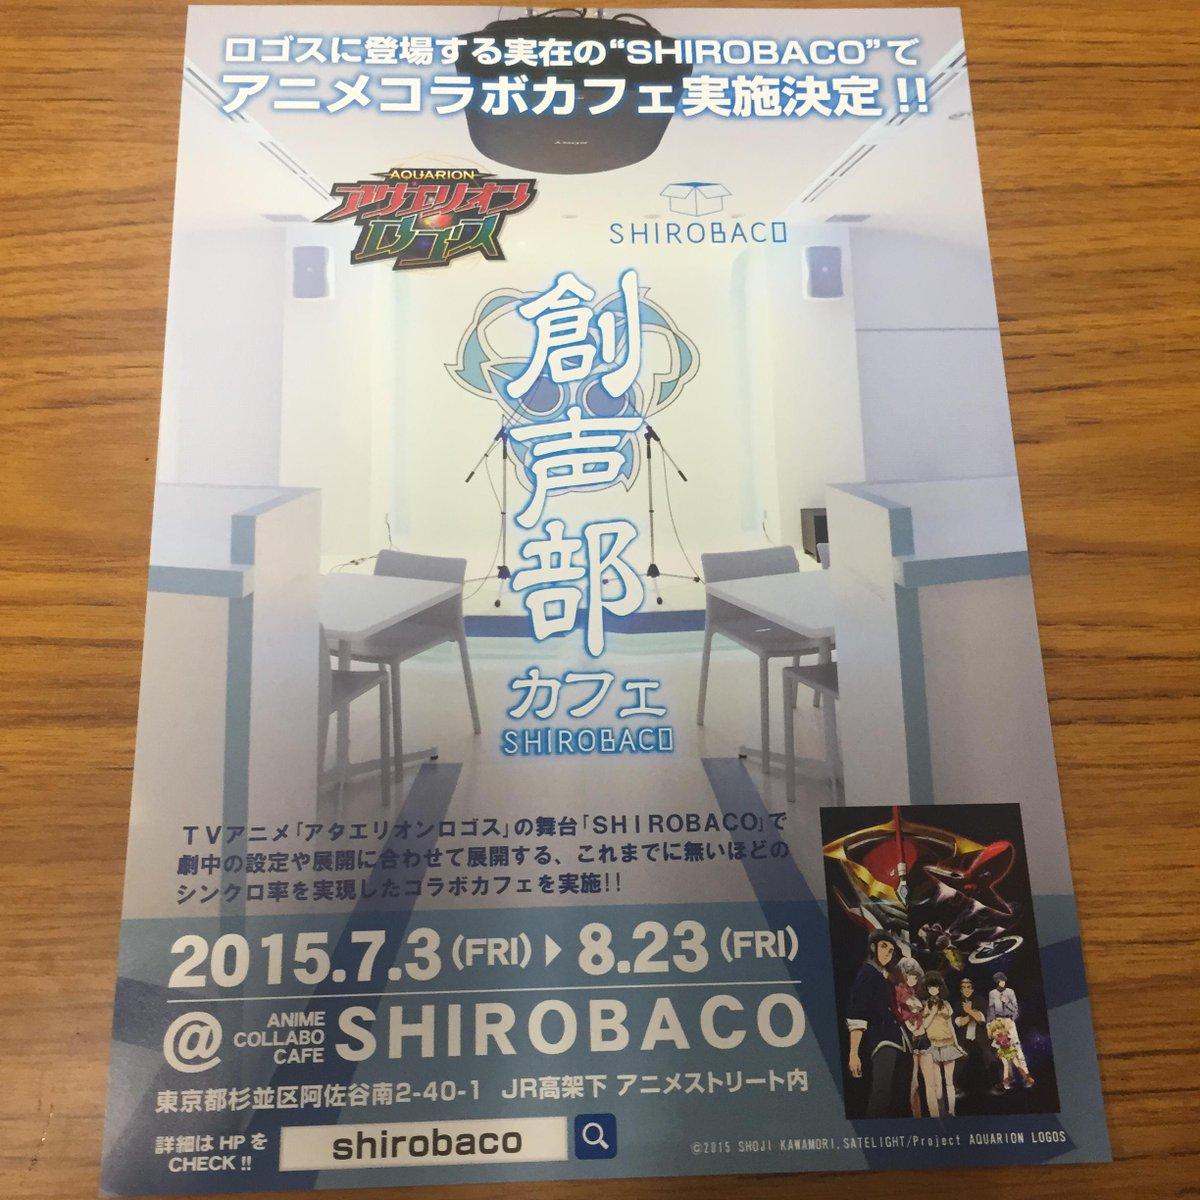 合体祭で解禁となりましたが、作中の舞台となったカフェ「SHIROBACO」にて、「アクエリオンロゴス」とのコラボカフェが